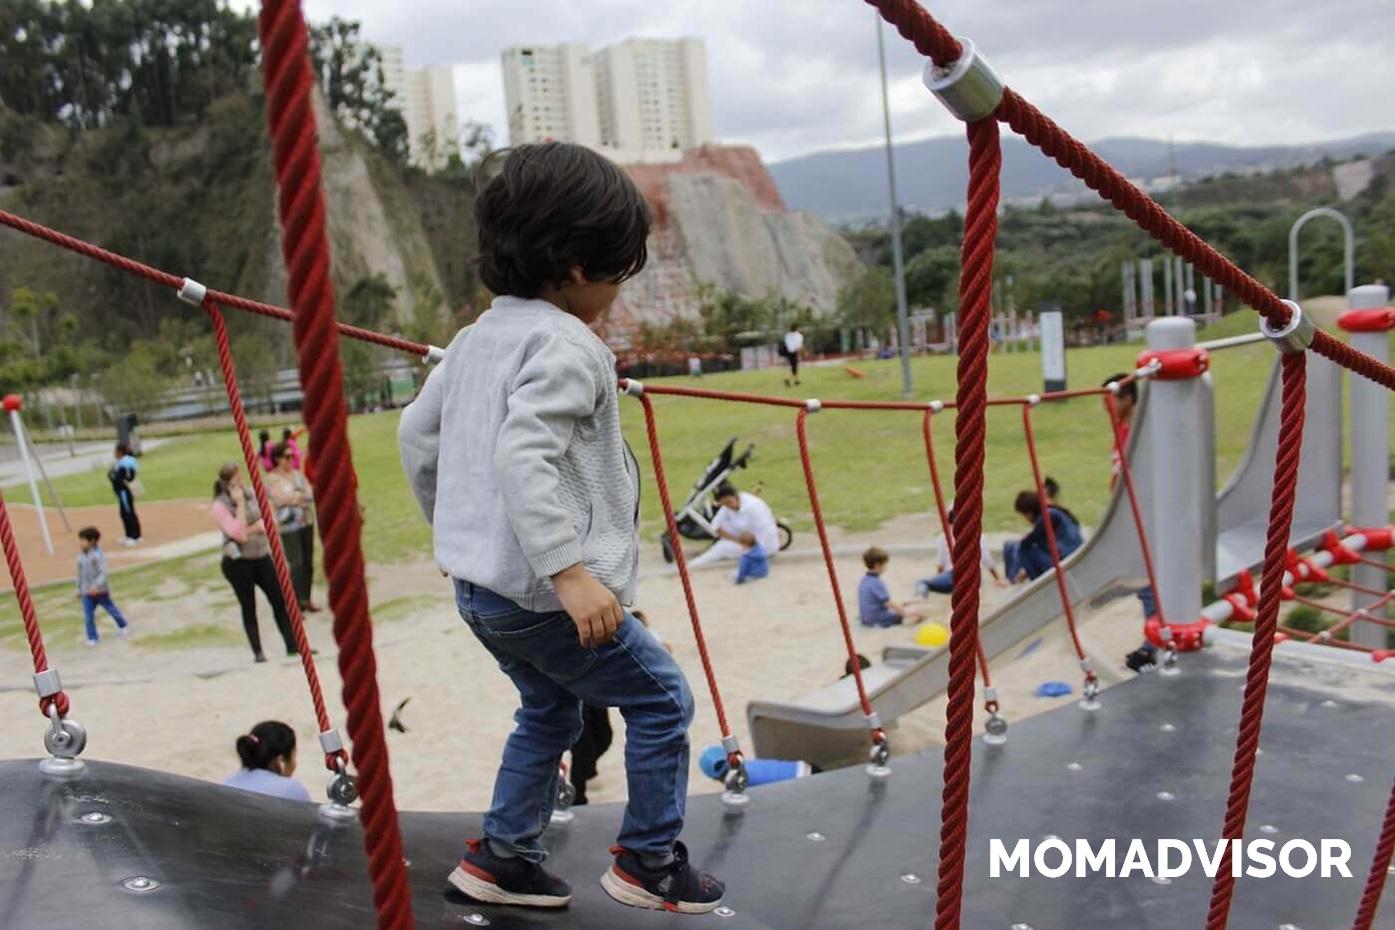 parque-la-mexicana-puente-momadvisor-logo